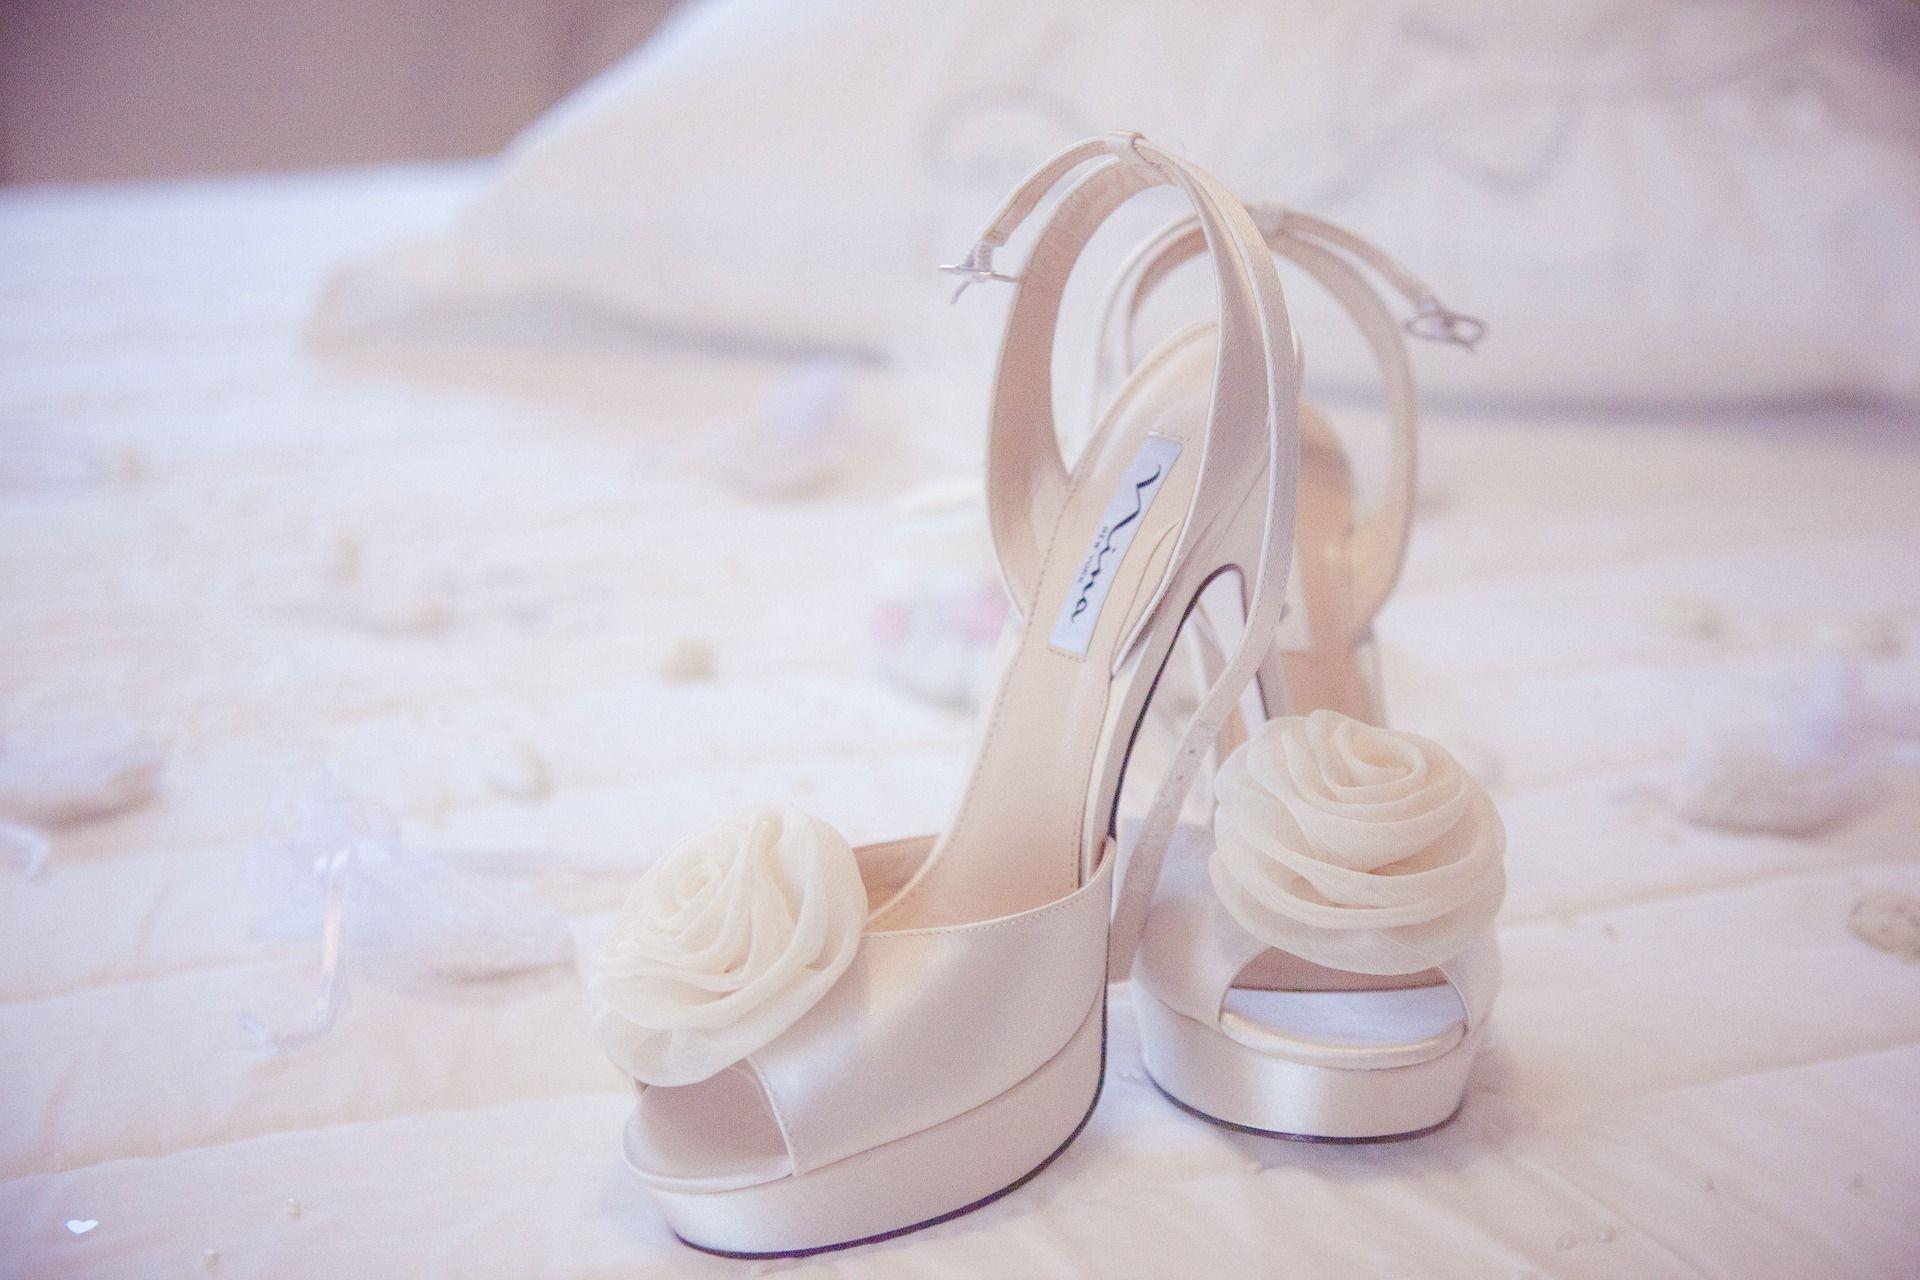 Como Montar uma Loja de Noivas      http://engetecno.com.br/port/proj.php?projeto=loja-de-noivas-com-200-m2  Como Montar uma Loja de Noivas, Como Montar uma Loja de Vestidos de Noiva, Como Montar uma Loja de Aluguel de Vestido de Noiva, Como Montar uma Confecção de Vestido de Noiva  ENGETECNO: 35. 3721.1488 http://www.engetecno.com.br/